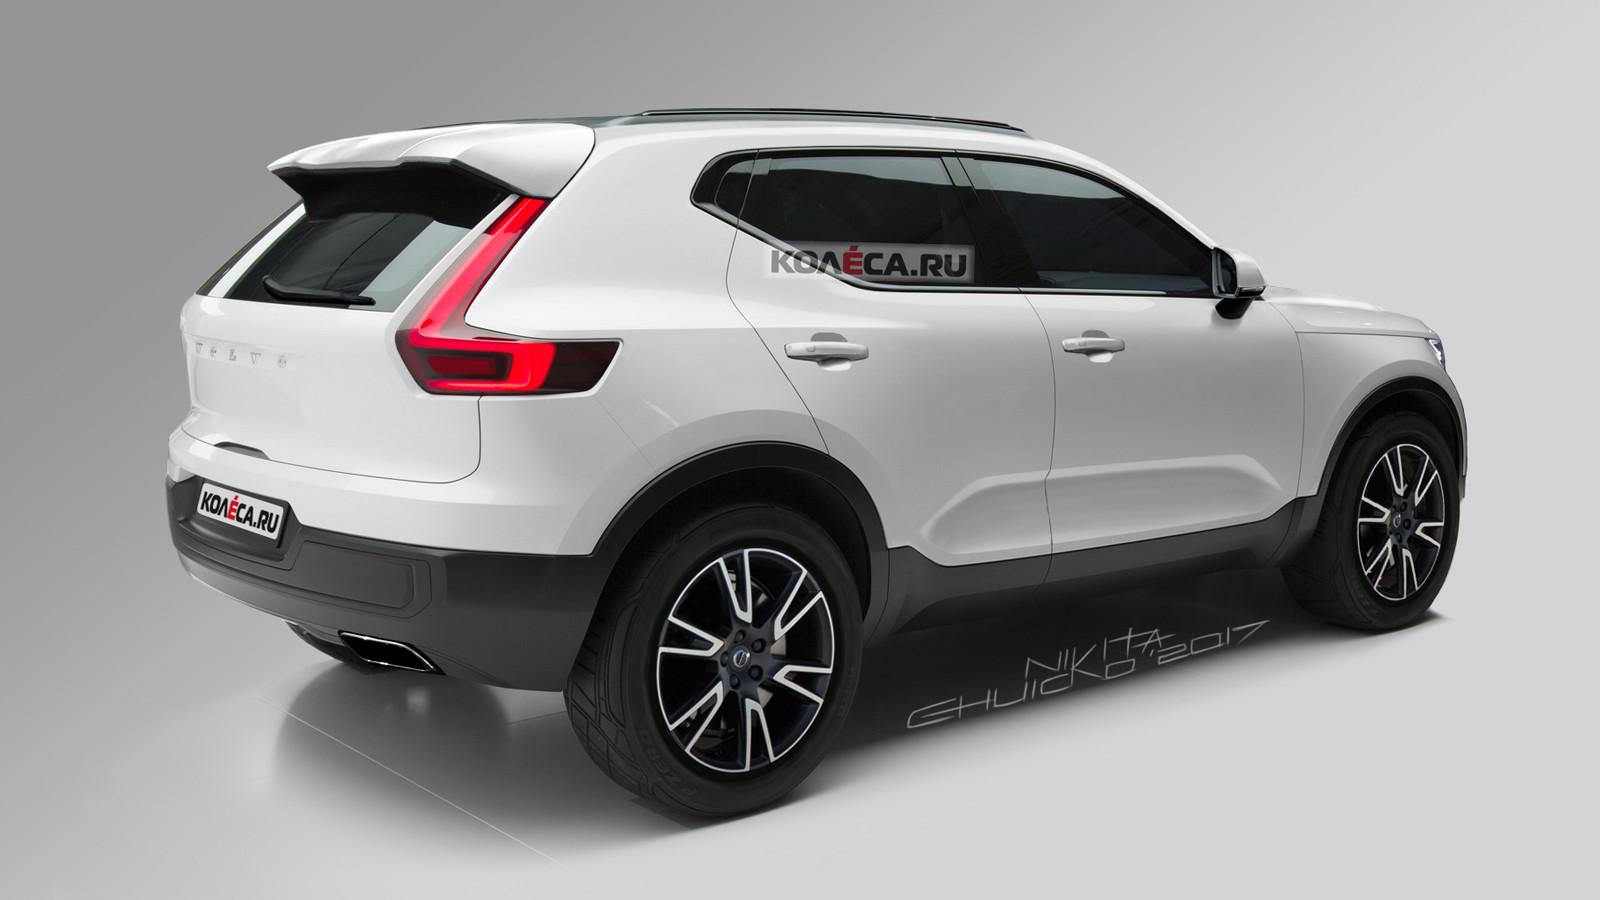 Volvo Xc40 Колеса ру